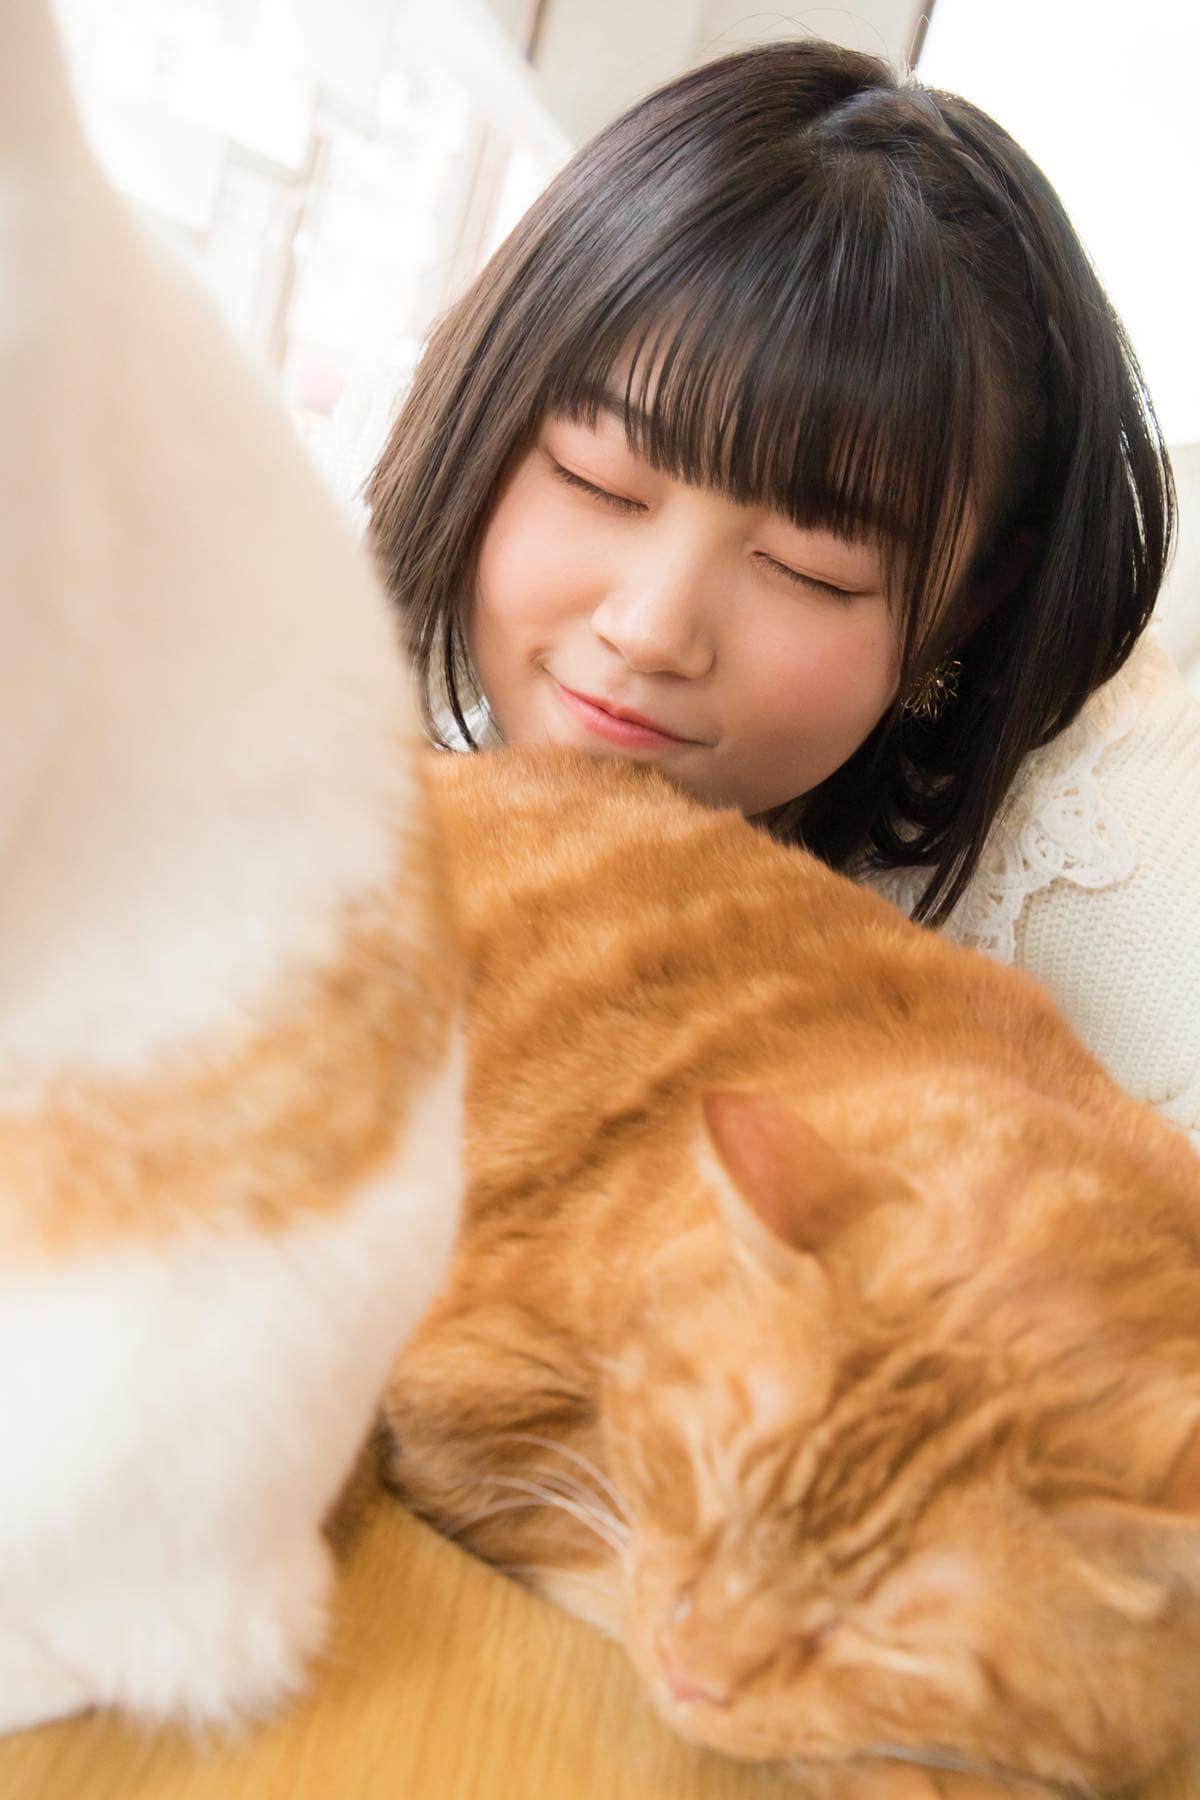 小澤愛実「猫に愛されることはできるのか」【写真48枚】【連載】ラストアイドルのすっぴん!vol.19の画像037